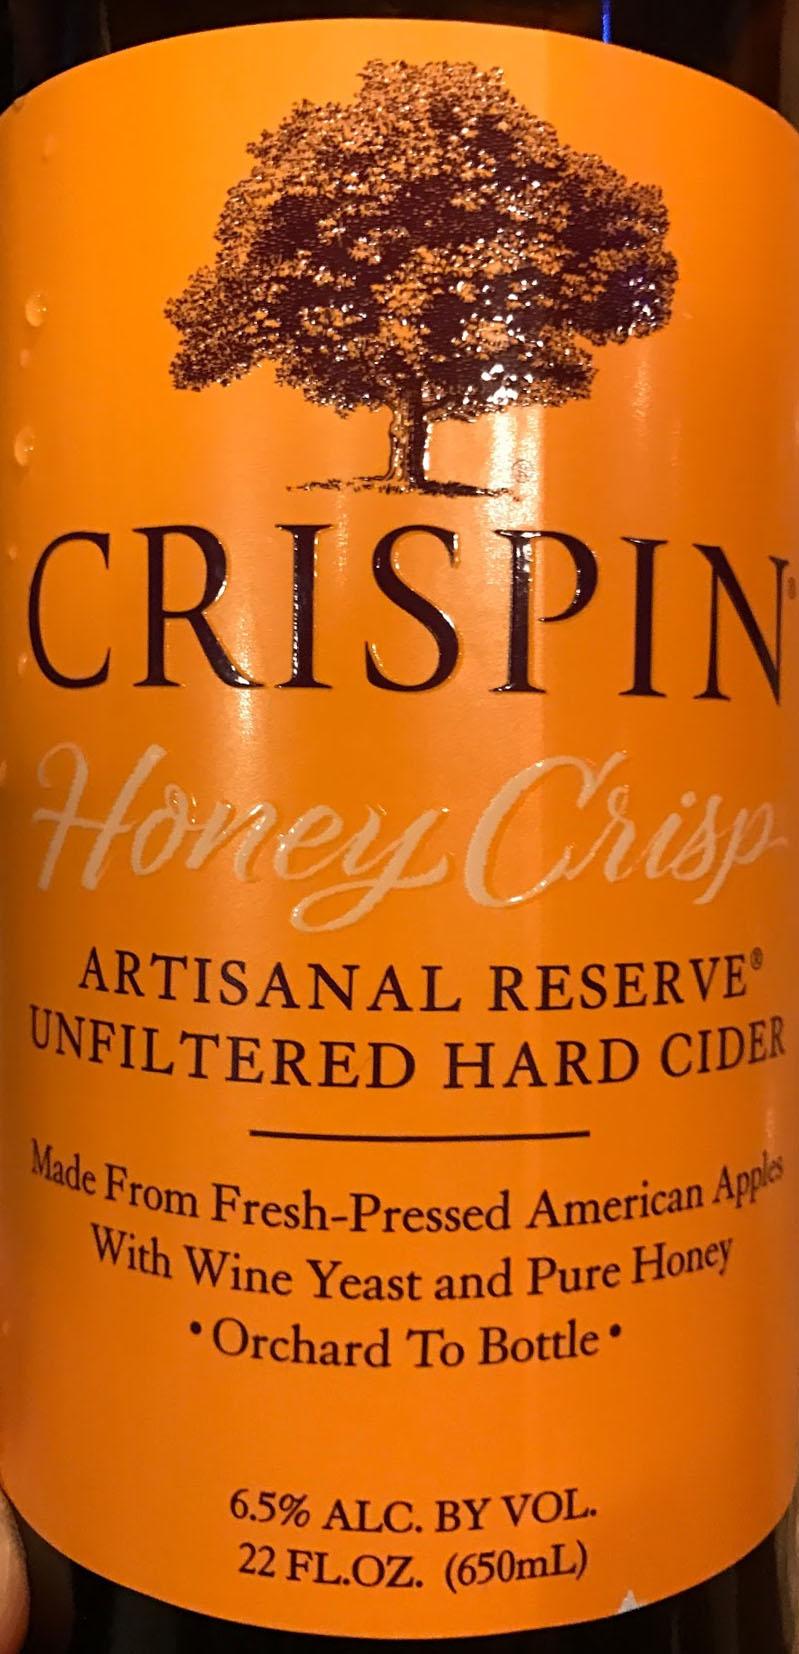 Honey Crisp Artisanal Reserve